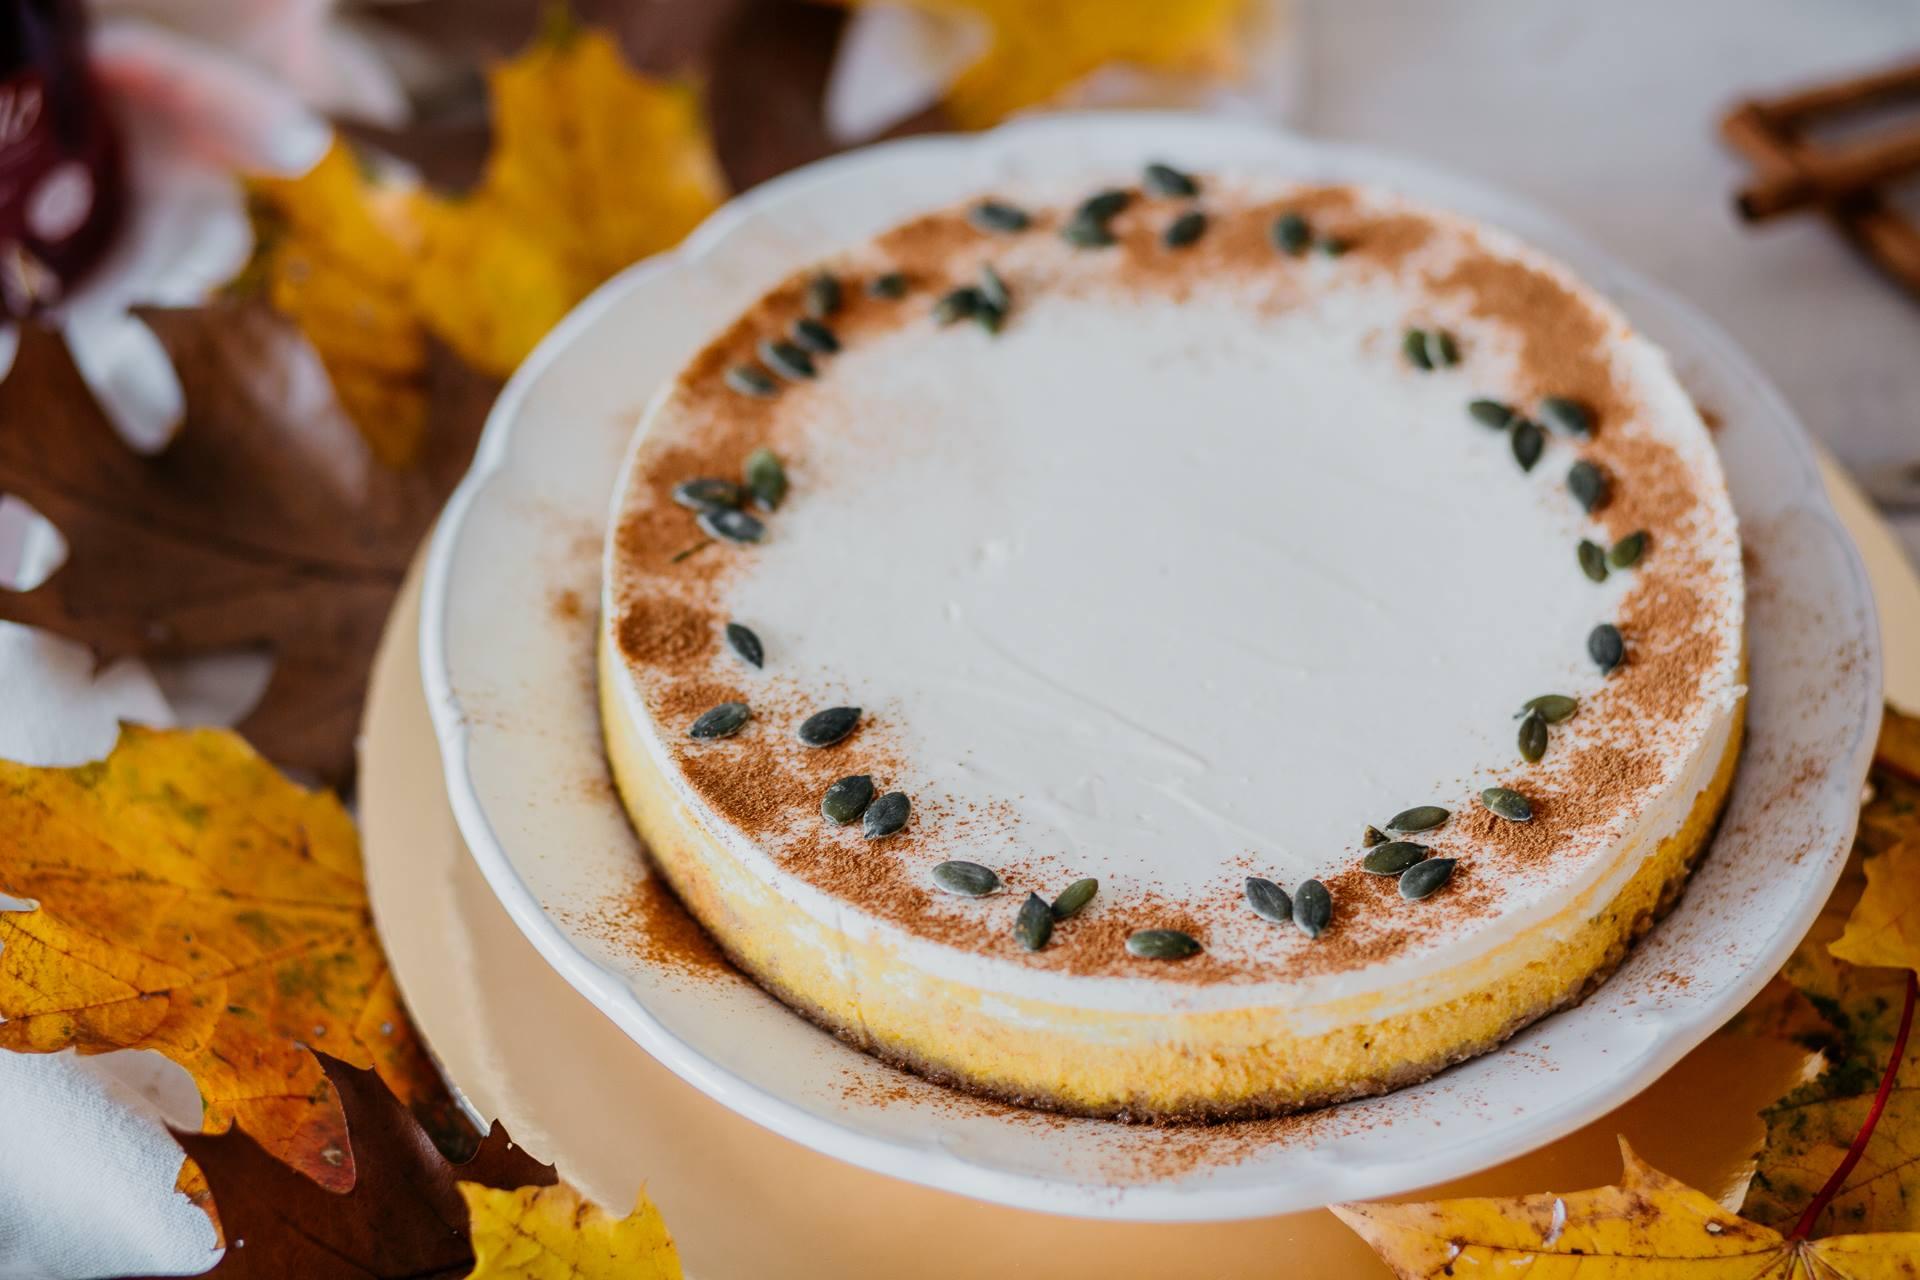 Dýňový cheesecake ozdobte dýňovými semínky a mletou skořicí, aby vypadal ještě lahodněji.